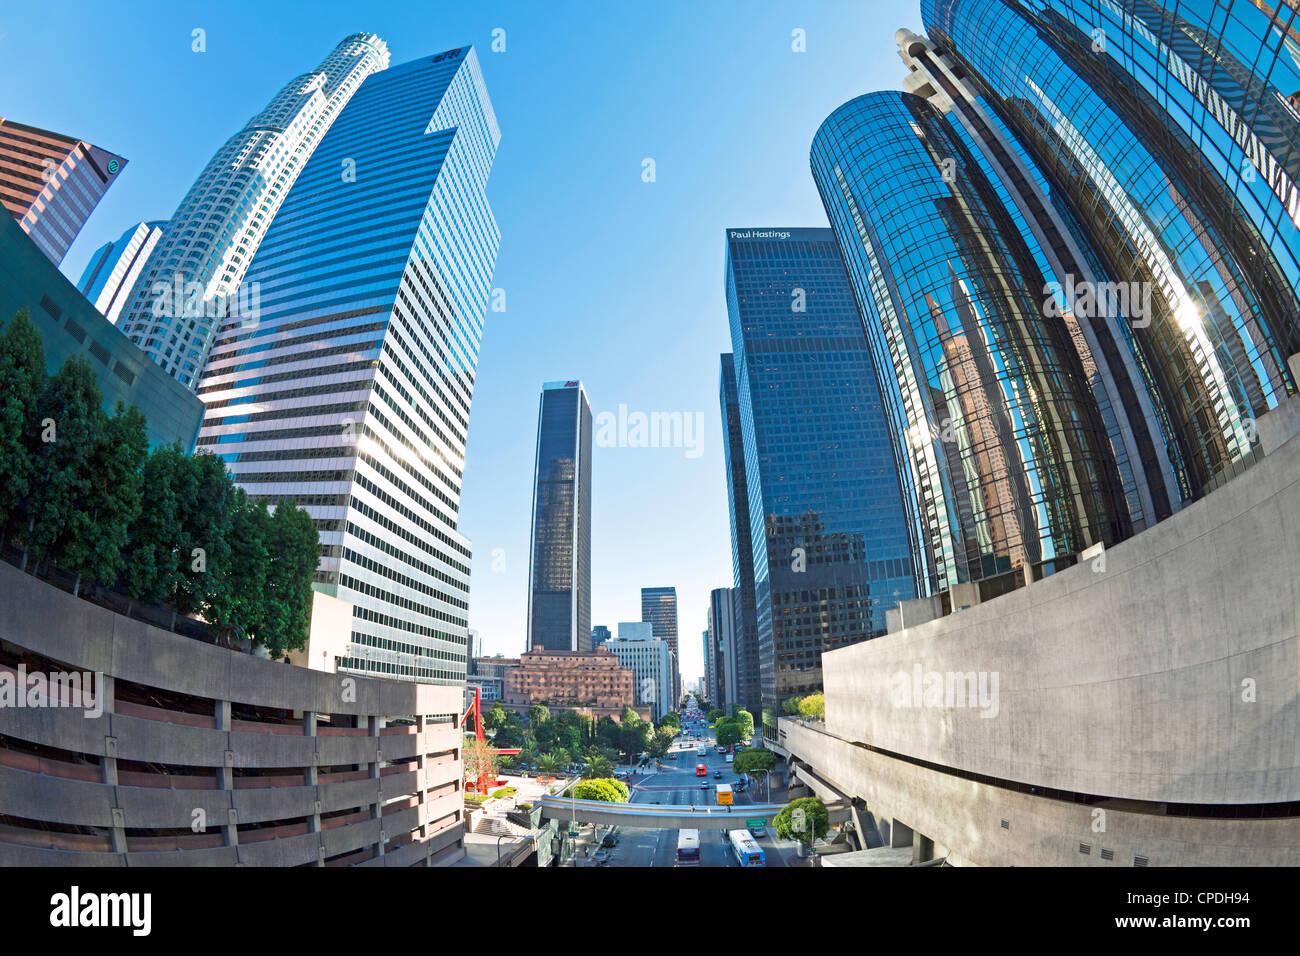 Innenstadt, Los Angeles, California, Vereinigte Staaten von Amerika, Nordamerika Stockbild